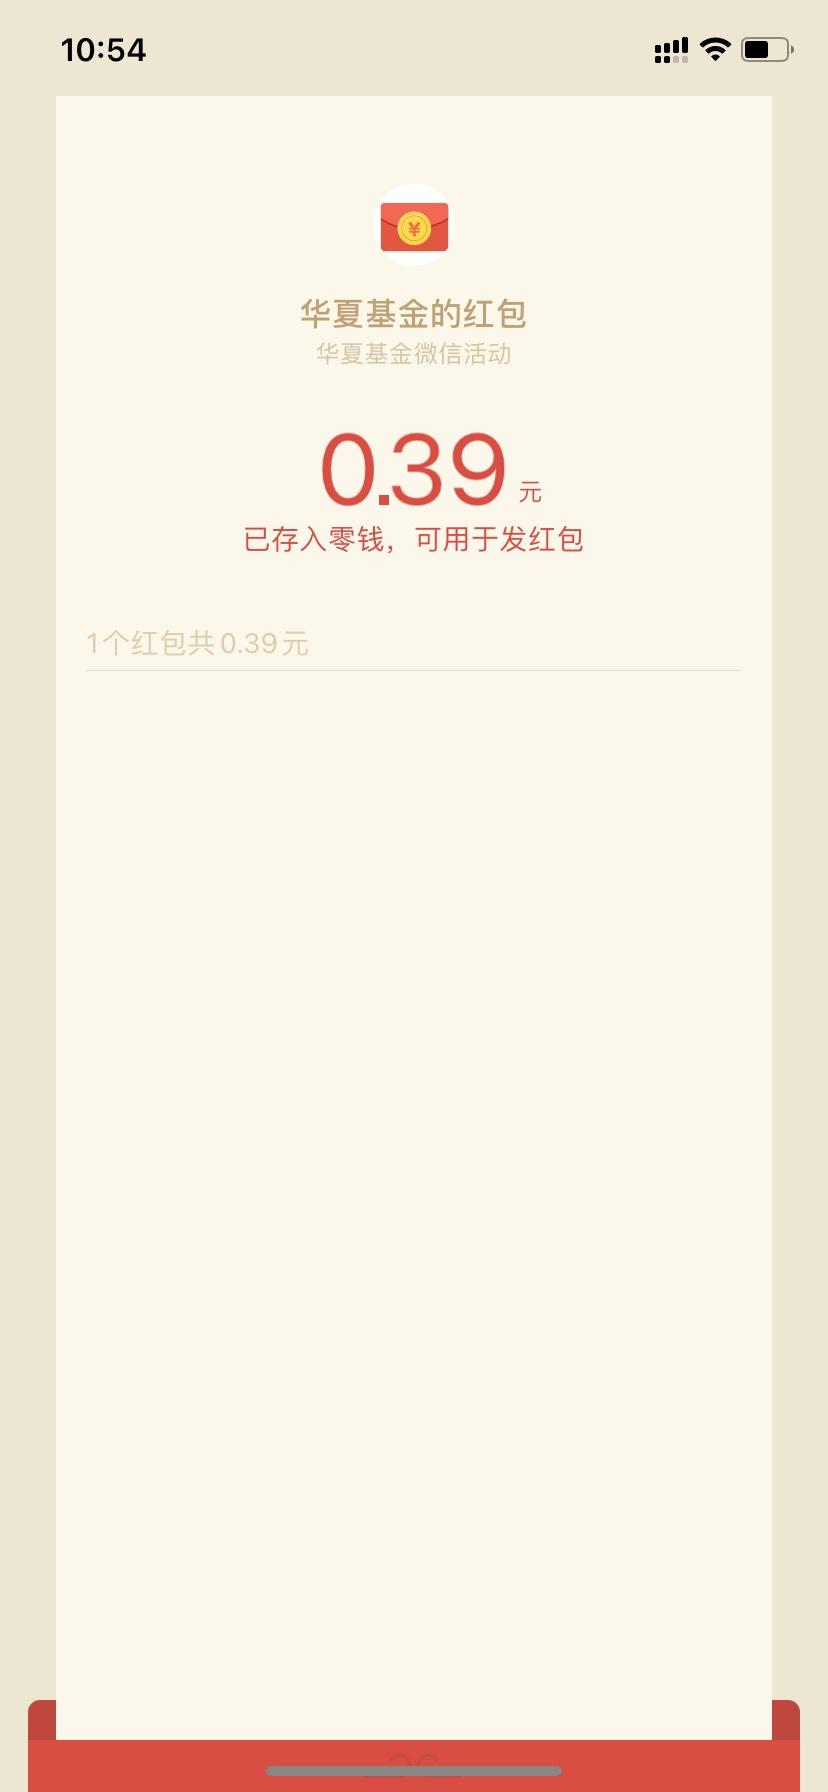 【现金红包】华夏基金抽取微信红包插图